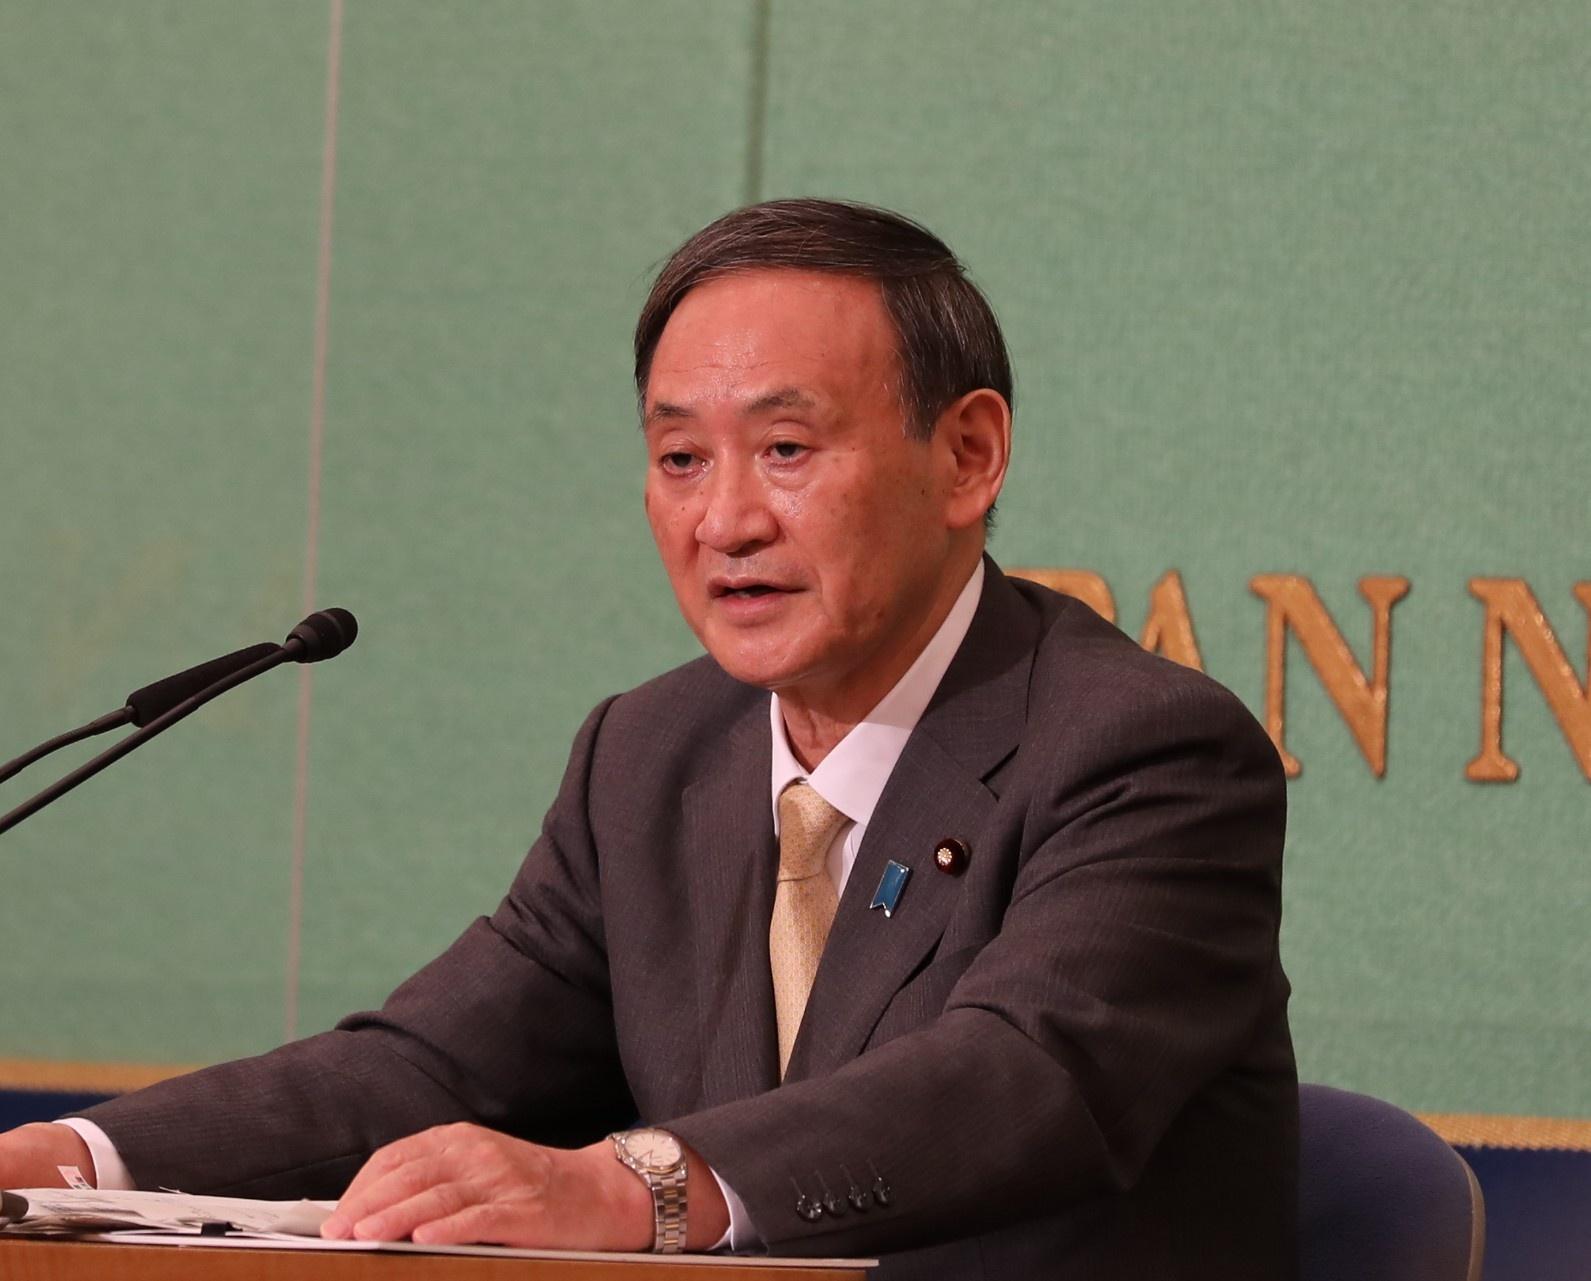 【西安亚洲天堂服务】_菅义伟当选自民党总裁,将成日本新首相